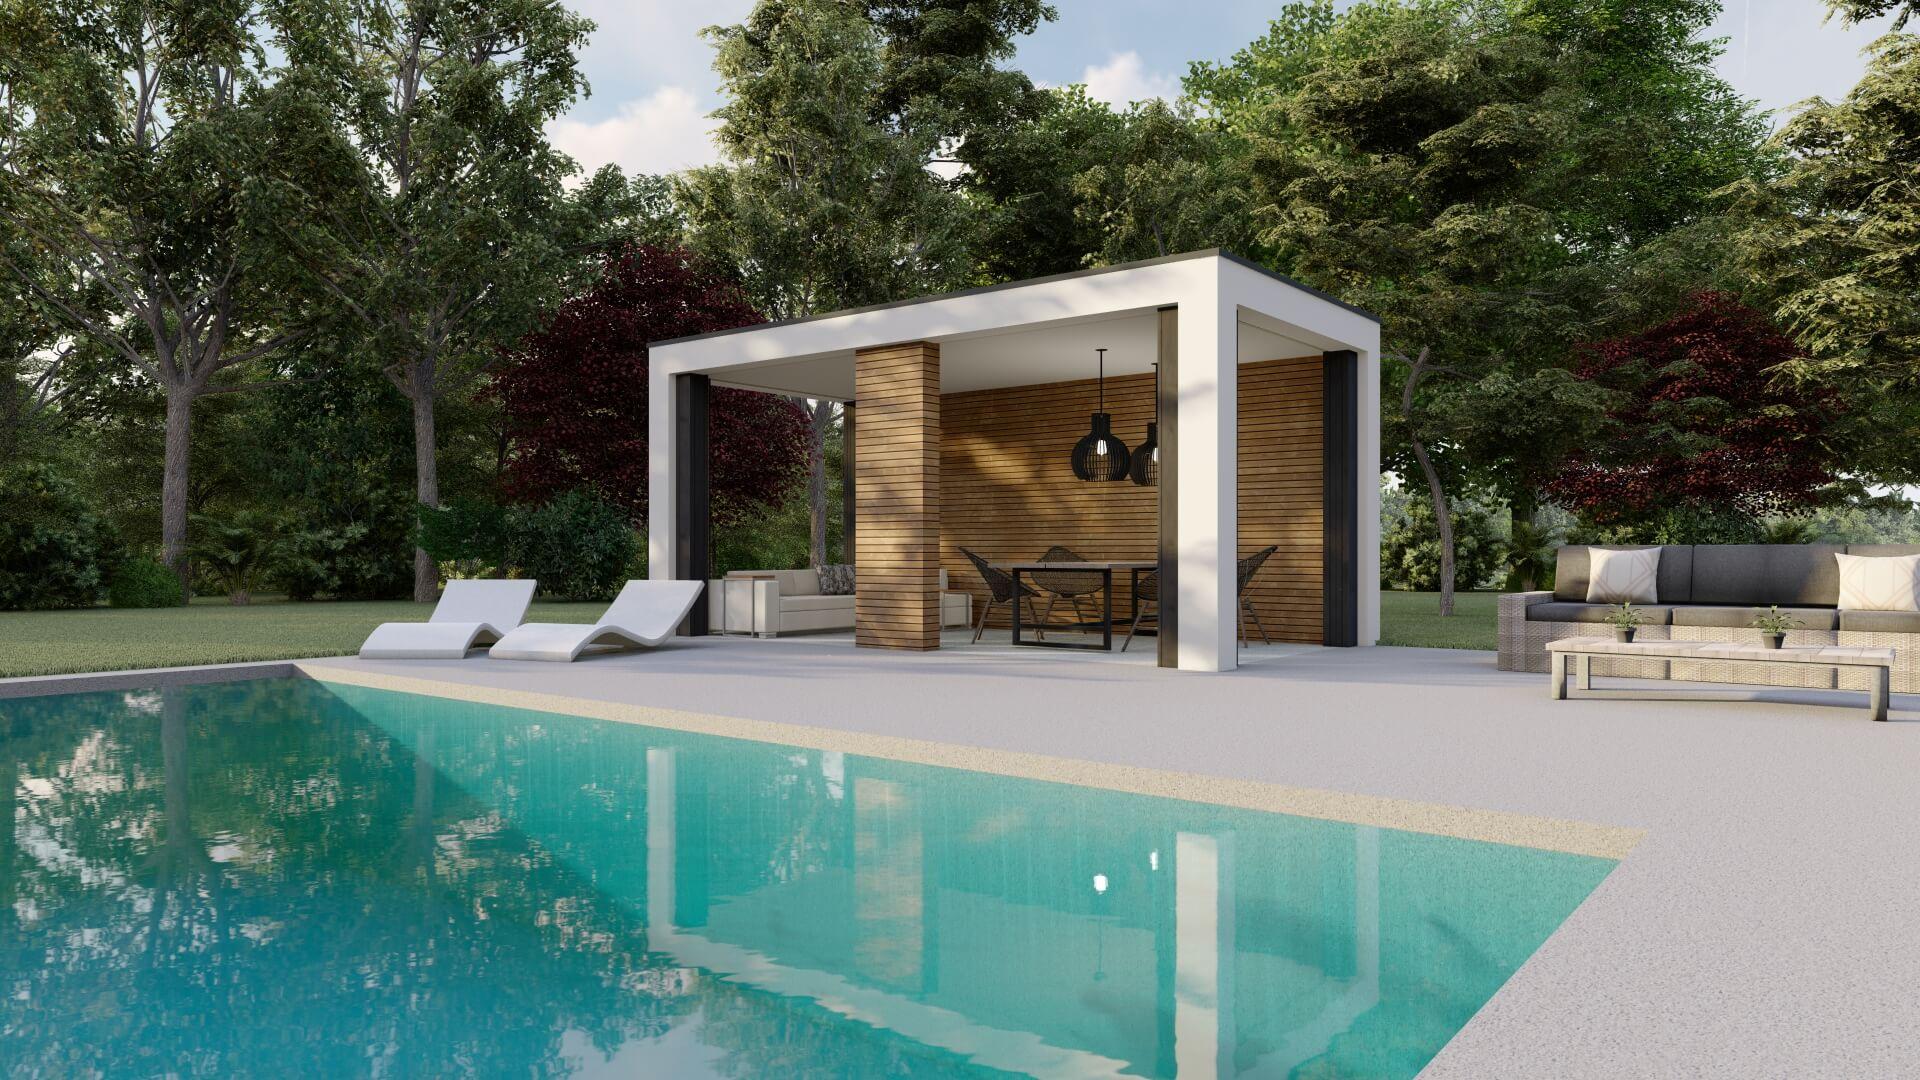 Poolhouse 3x6_zijwanden zonder glas